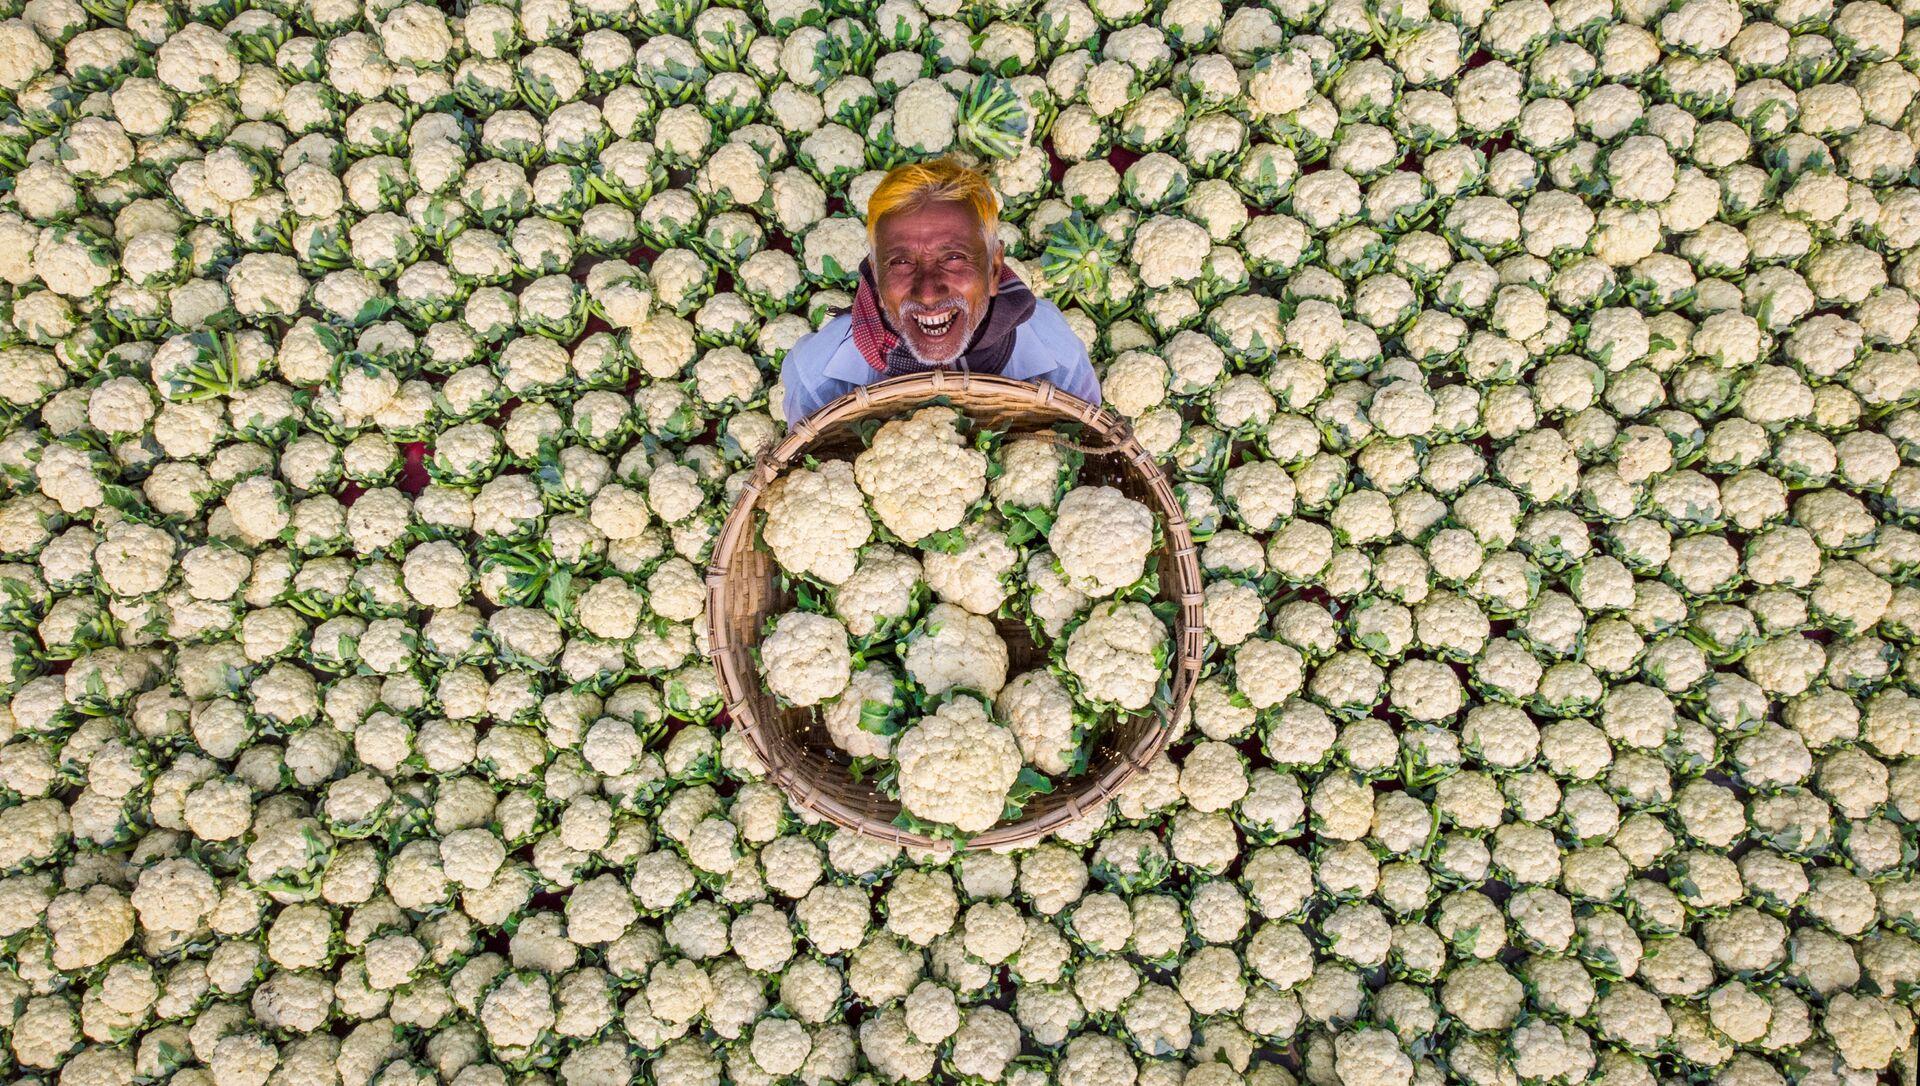 Un fermier heureux, portrait d'un paysan montrant la récolte de chou-fleur - Sputnik France, 1920, 05.08.2021